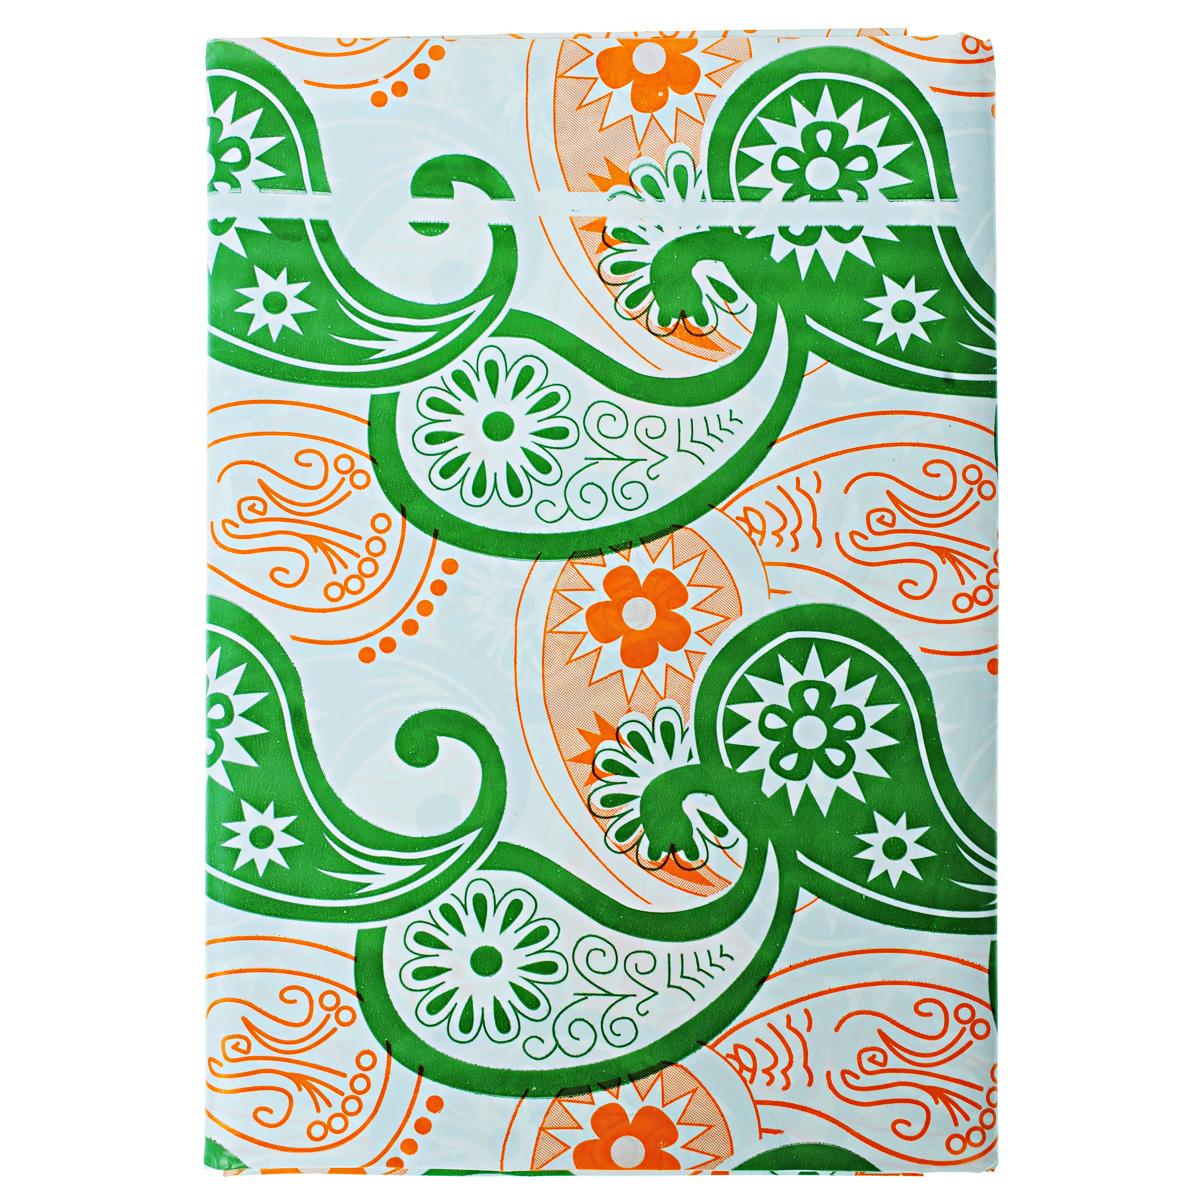 Скатерть Boyscout, прямоугольная, цвет: зеленый, оранжевый, 110x 150 см61708Прямоугольная скатерть Boyscout выполнена из полиэстера высокого давления и декорирована красивыми узорами.Такая скатерть идеально подойдет для пикников и отдыха на природе.